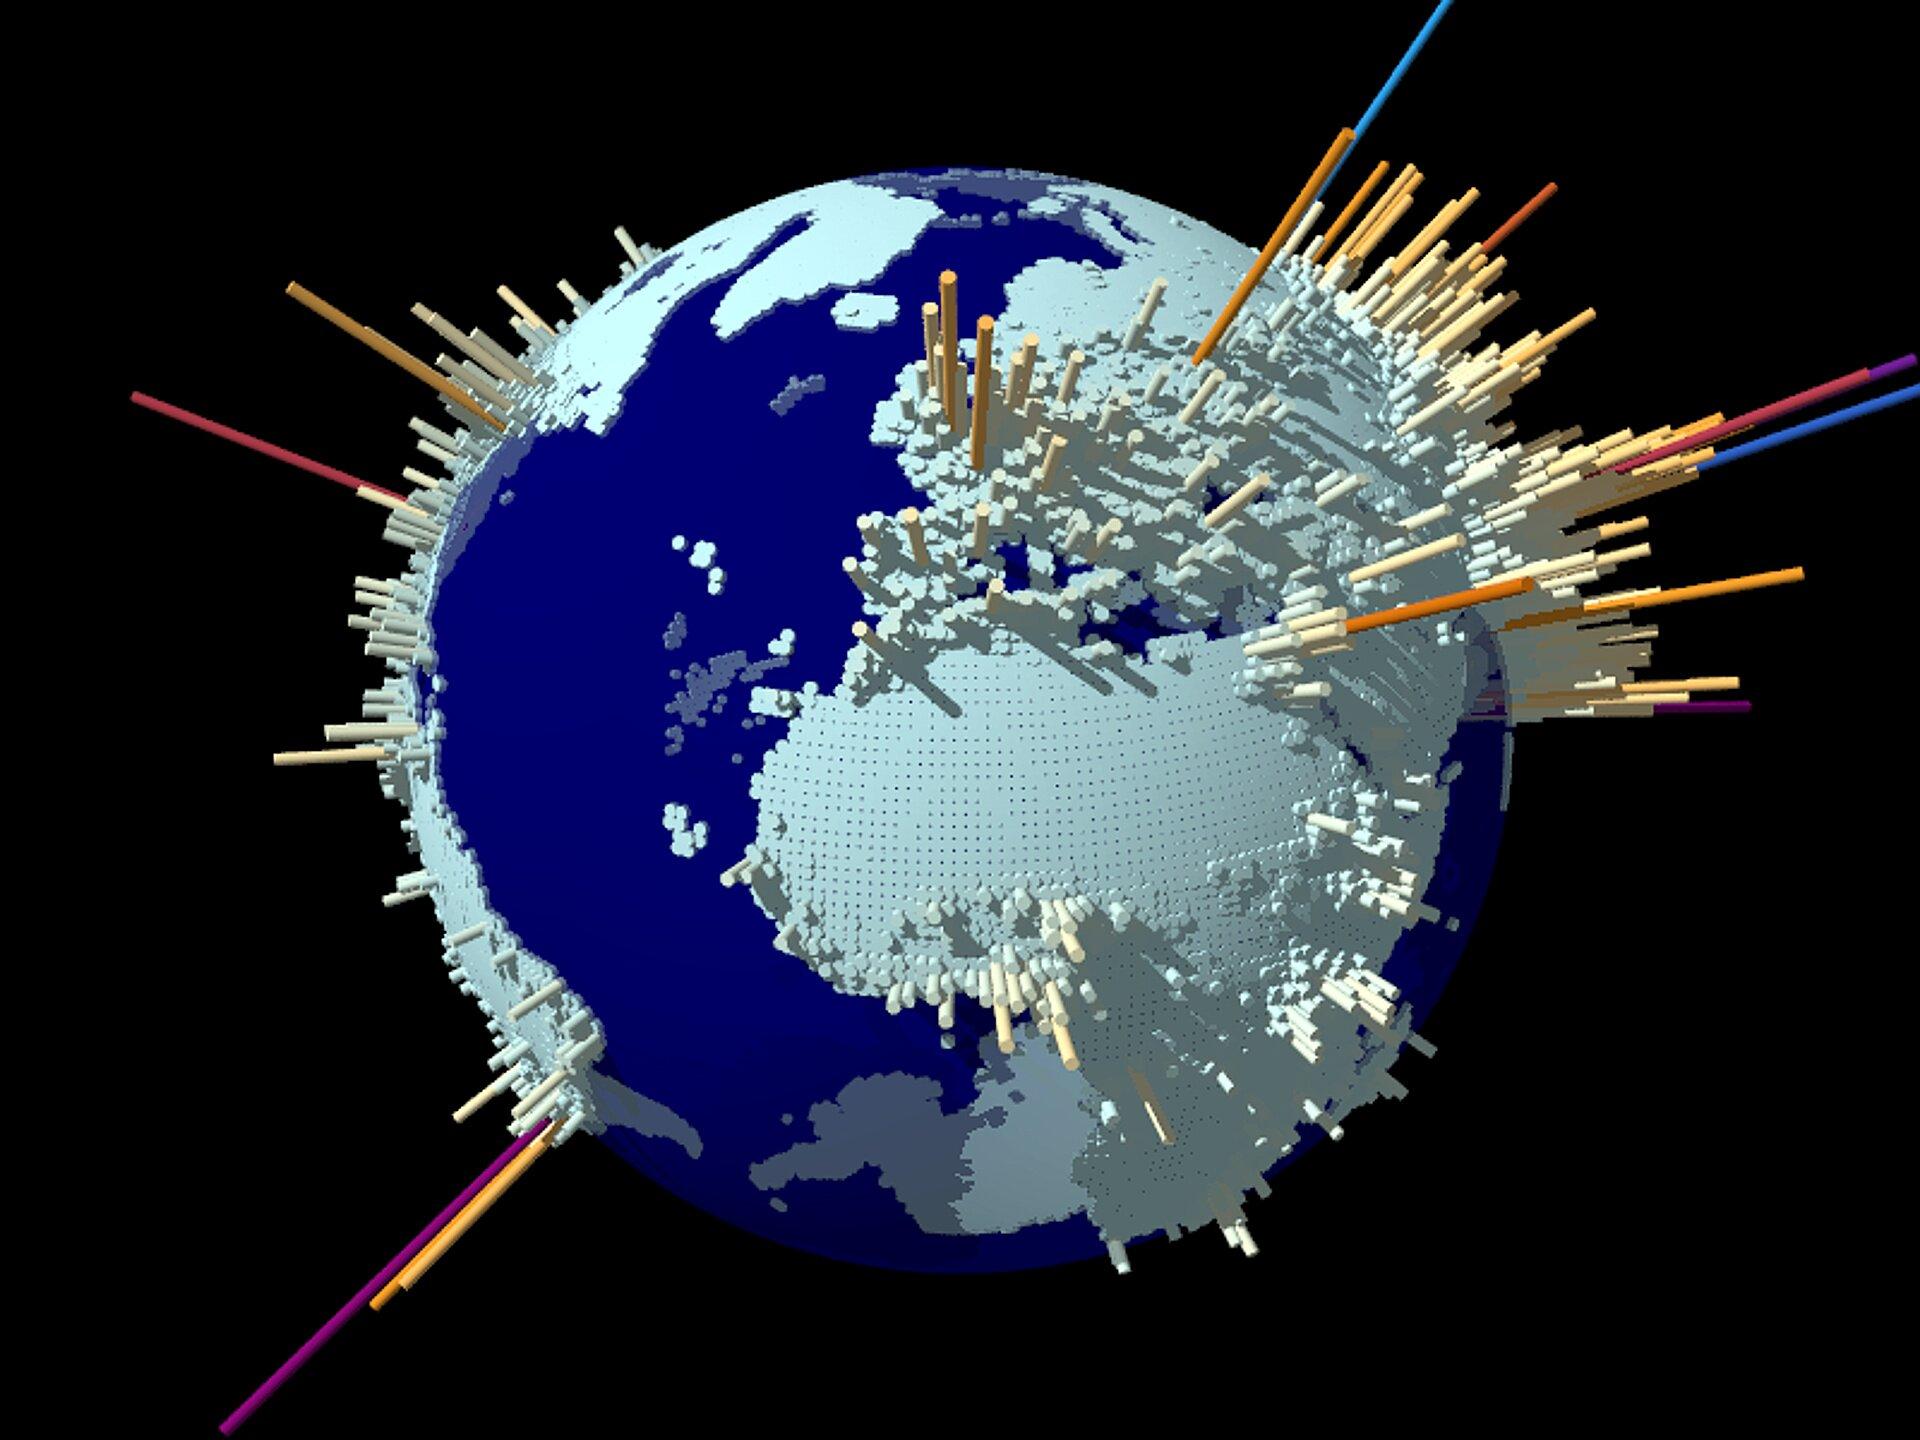 Gęstość zaludnienia na świecie przedstawiona wpostaci diagramu 3D. Kula ziemska. Powierzchnię kontynentów pokrywają słupki. Wmiejscach, gdzie gęstość zaludnienia jest duża słupki są wysokie.